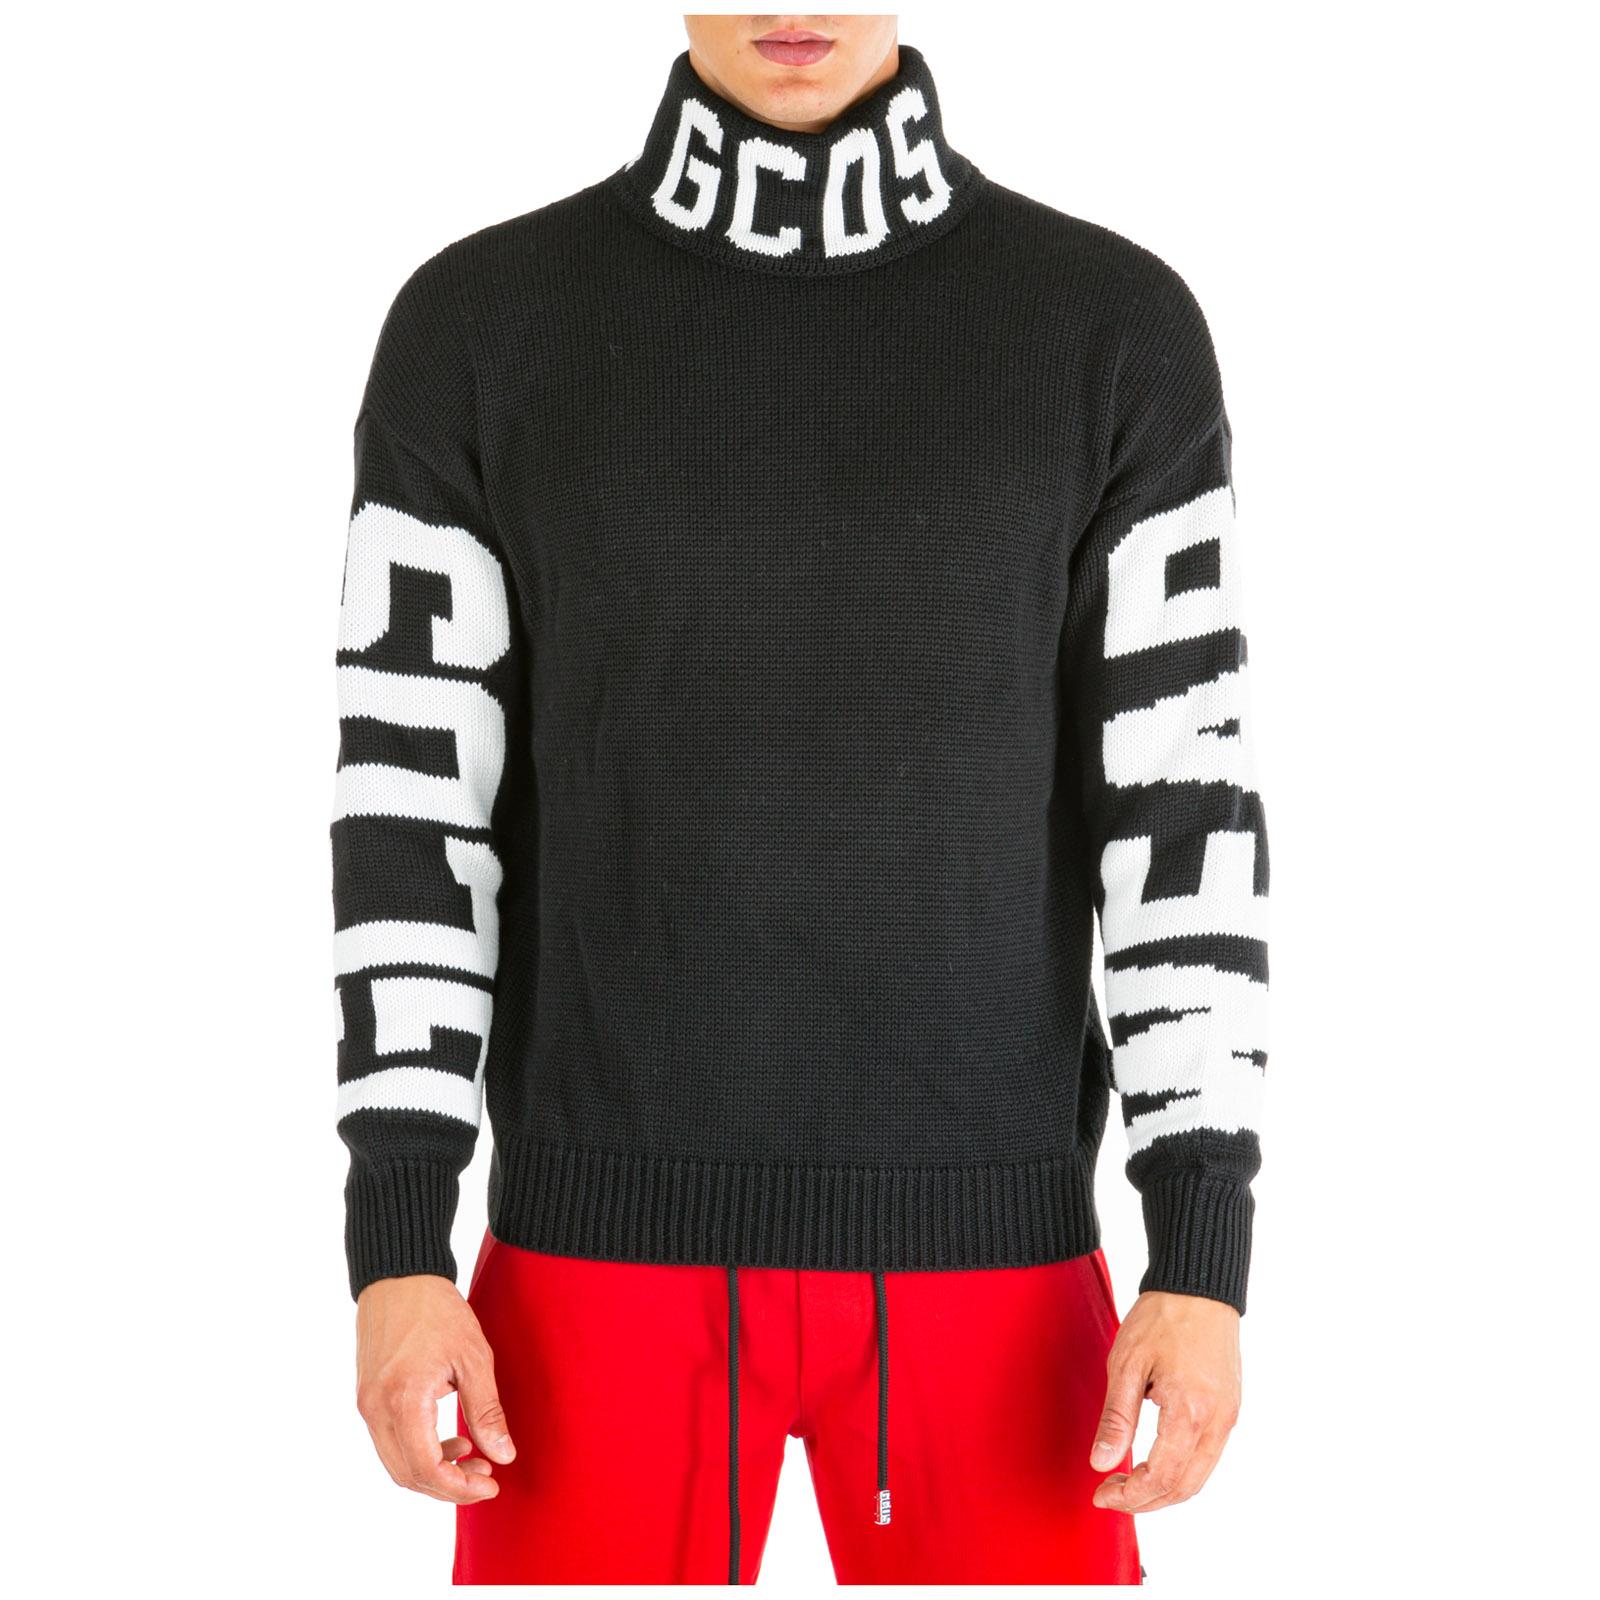 NUOVO Uomo Maglia Giacca Pullover norvegesi Giacca in Felpa Pullover a maglia